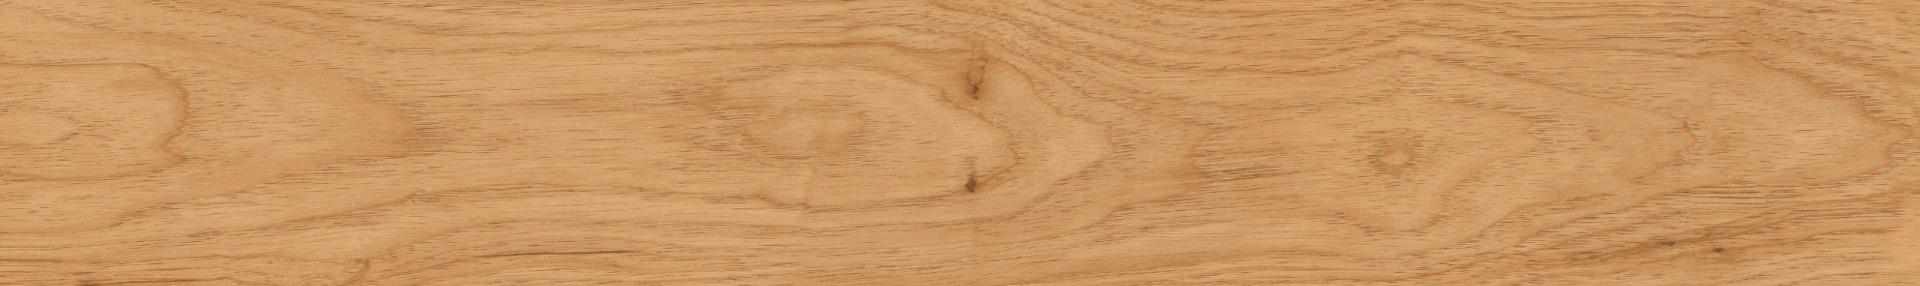 DGVT Venezia Oak Wood